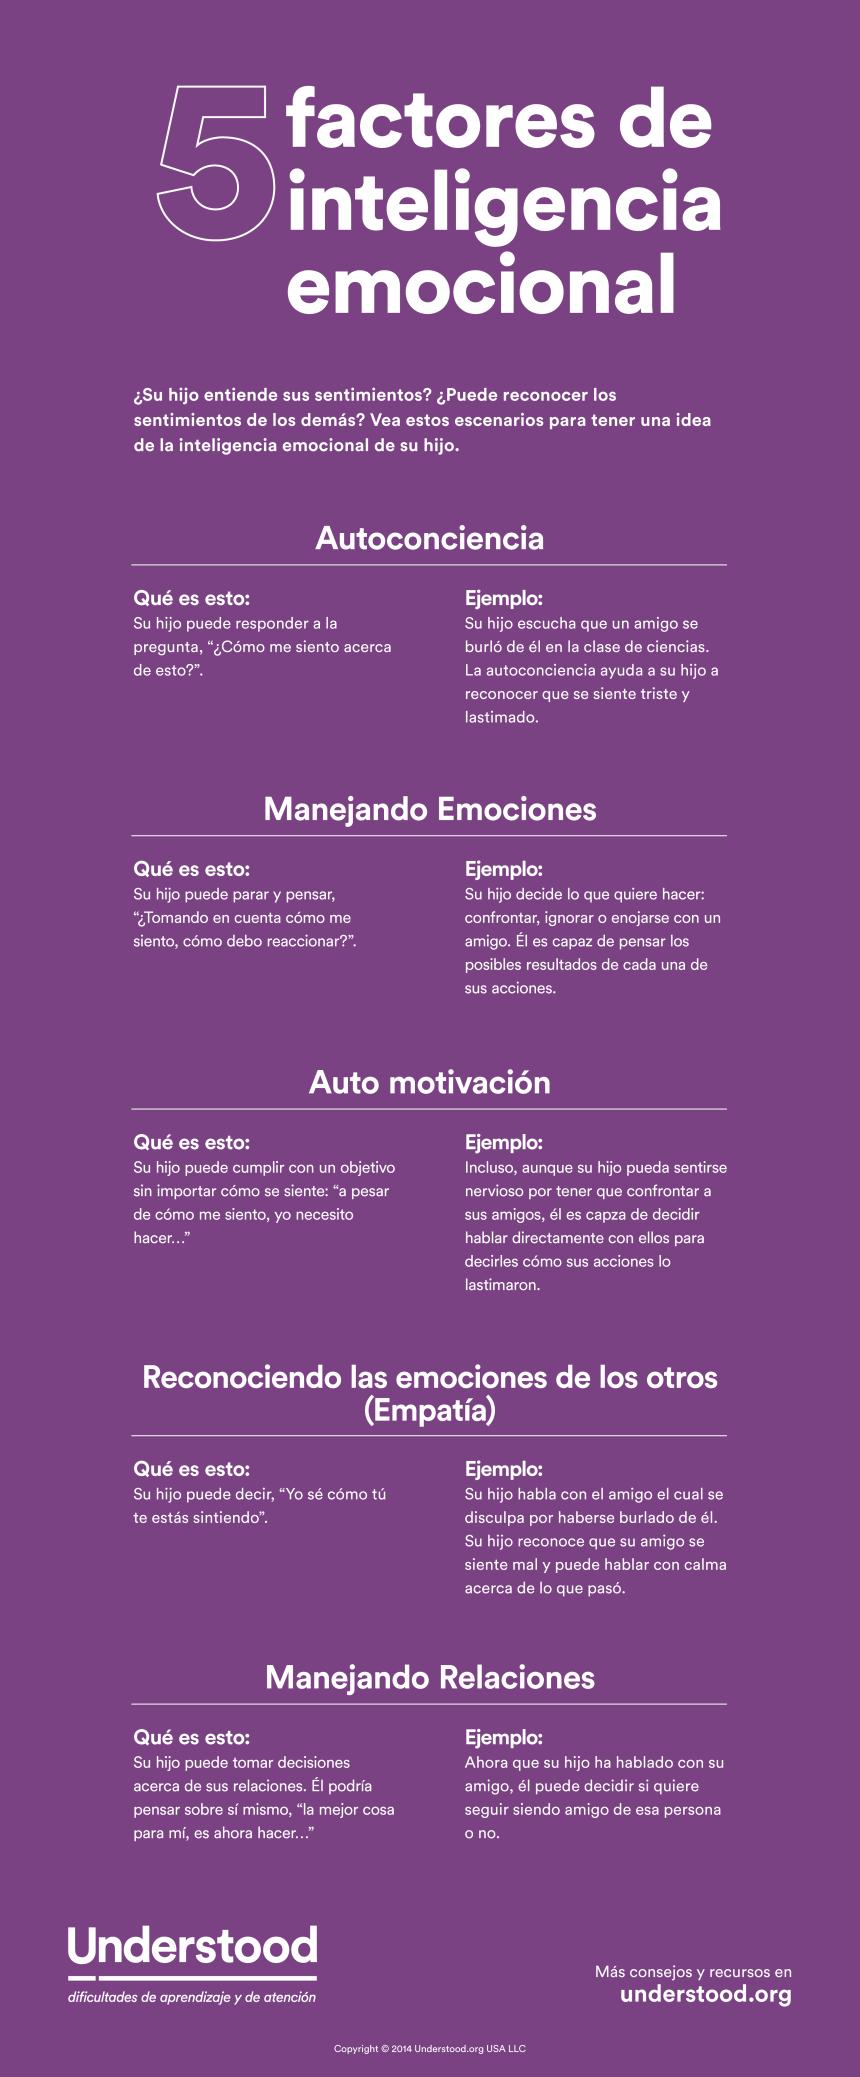 5 factores de Inteligencia Emocional